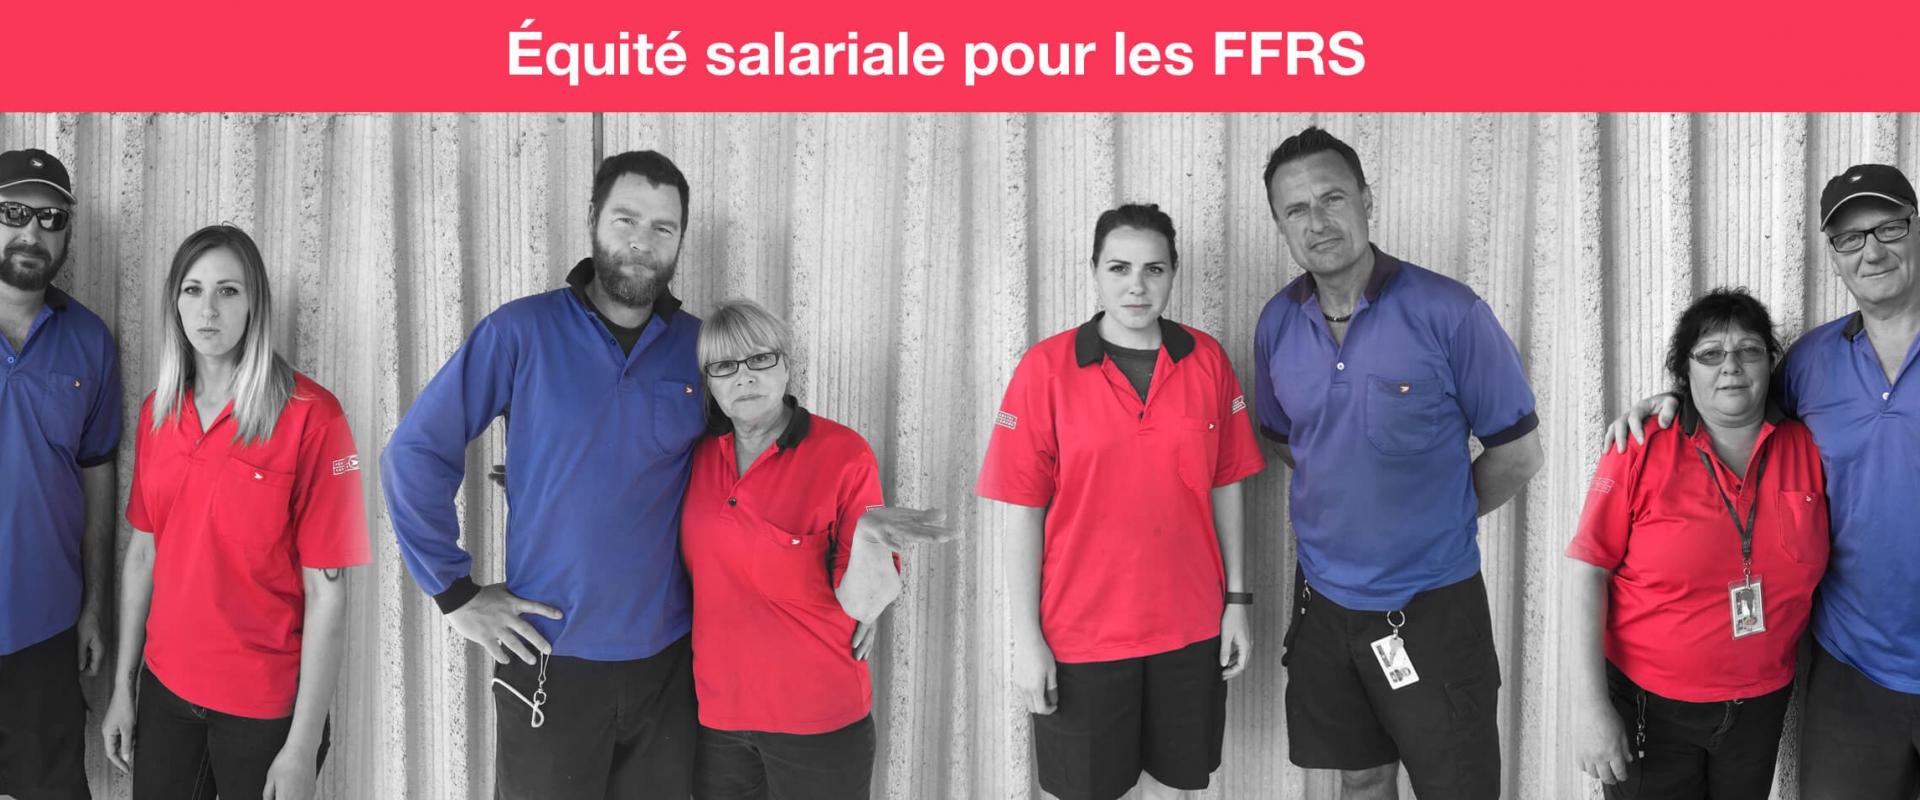 Équité salariale pour les FFRS